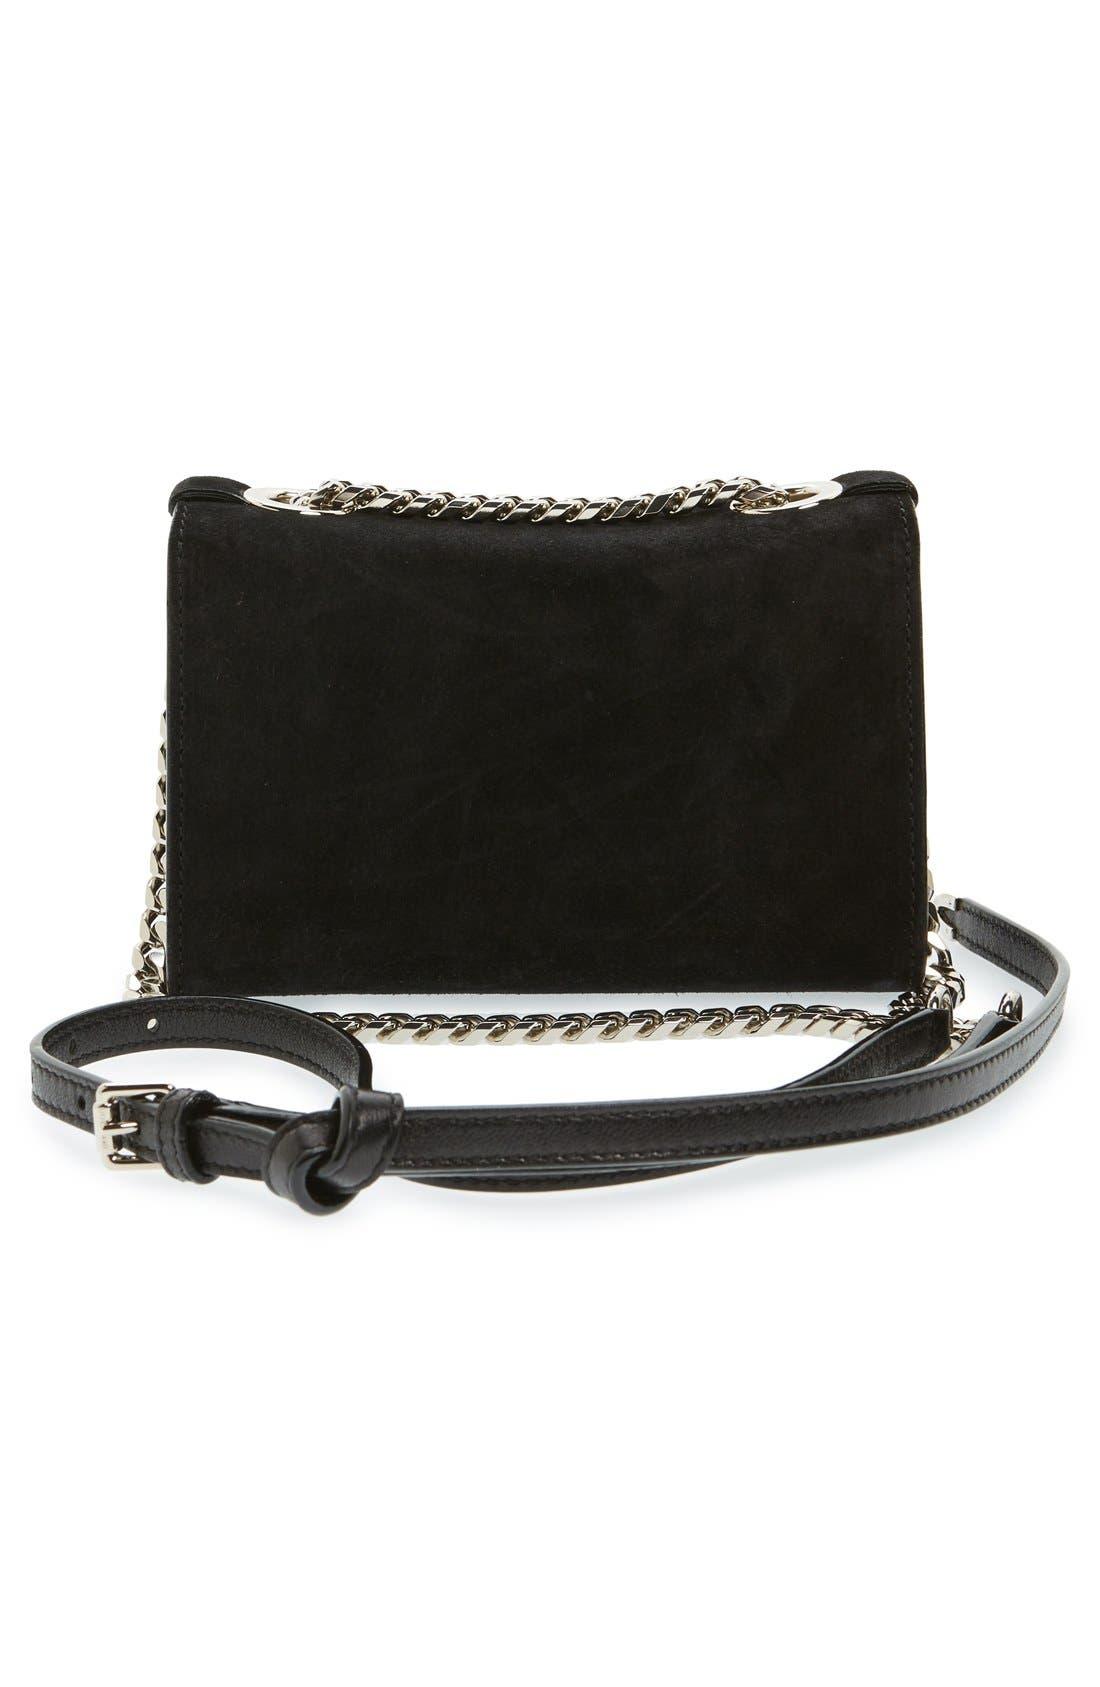 'Rebel Mini' Suede Crossbody Bag,                             Alternate thumbnail 3, color,                             Black